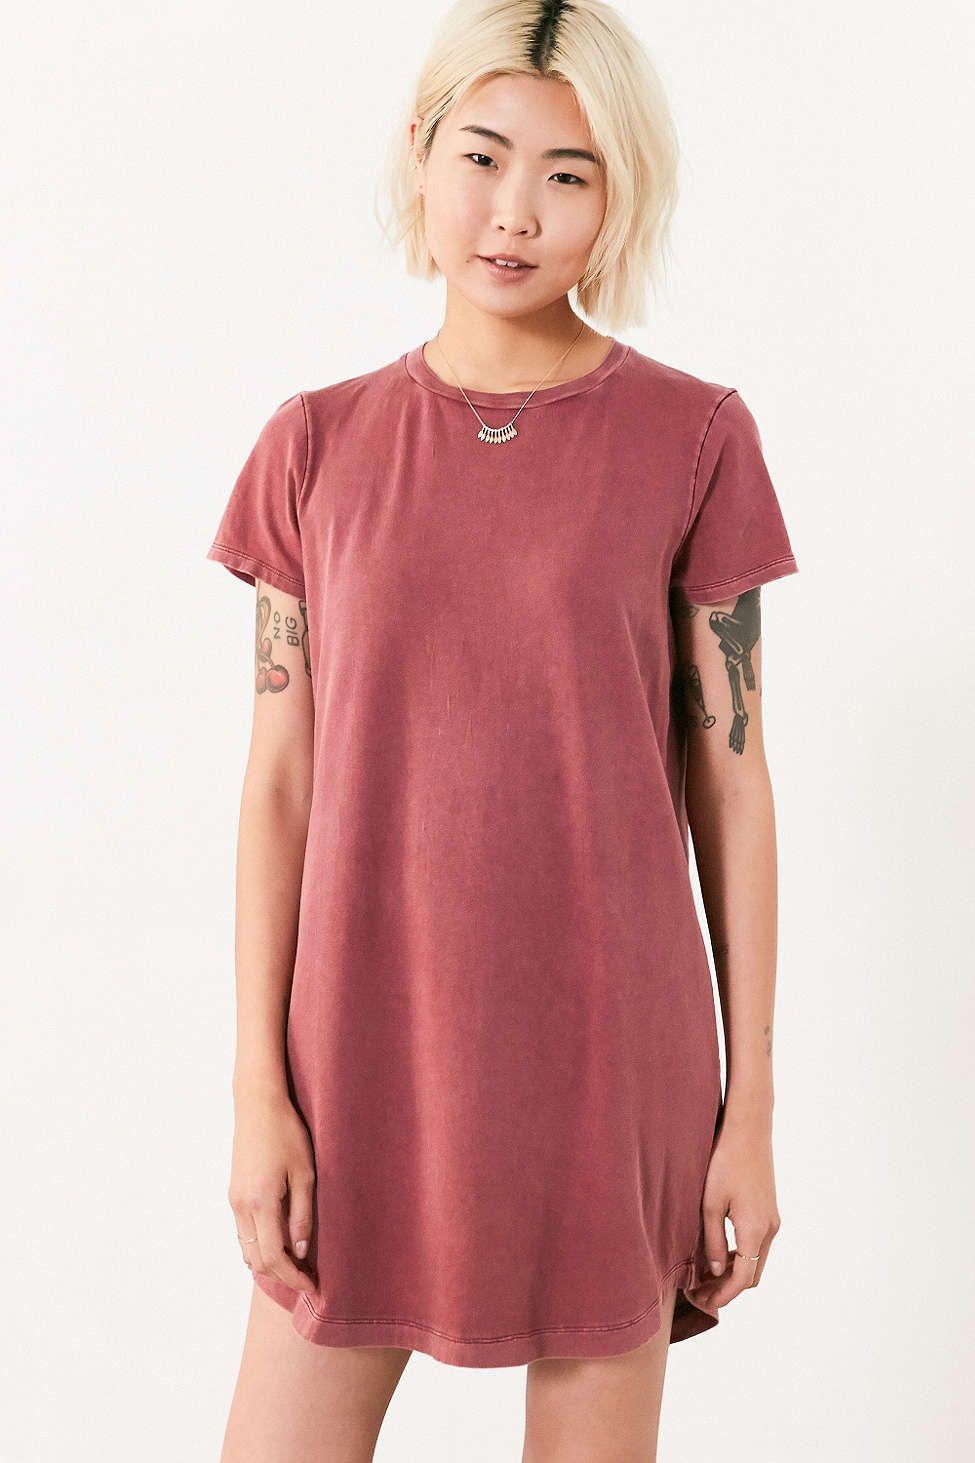 Bdg morisette tshirt dress girly clothing and fashion